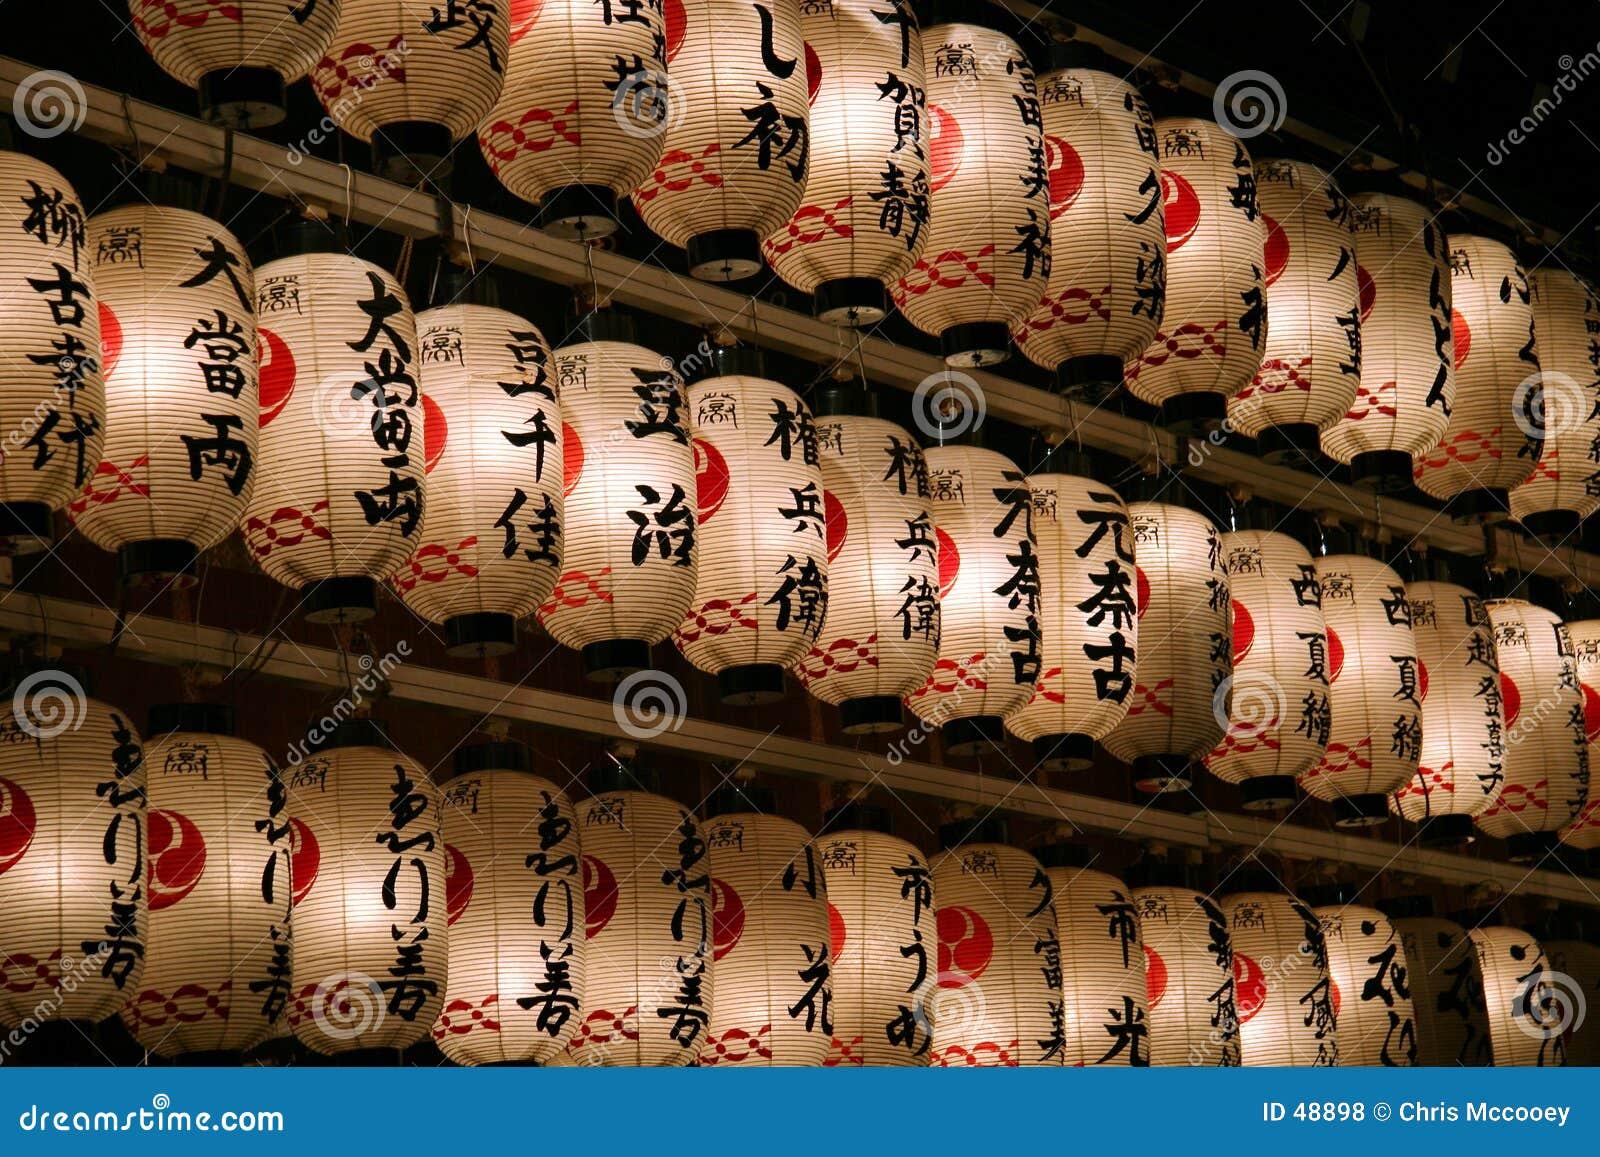 Japanse lantaarns bij nacht.